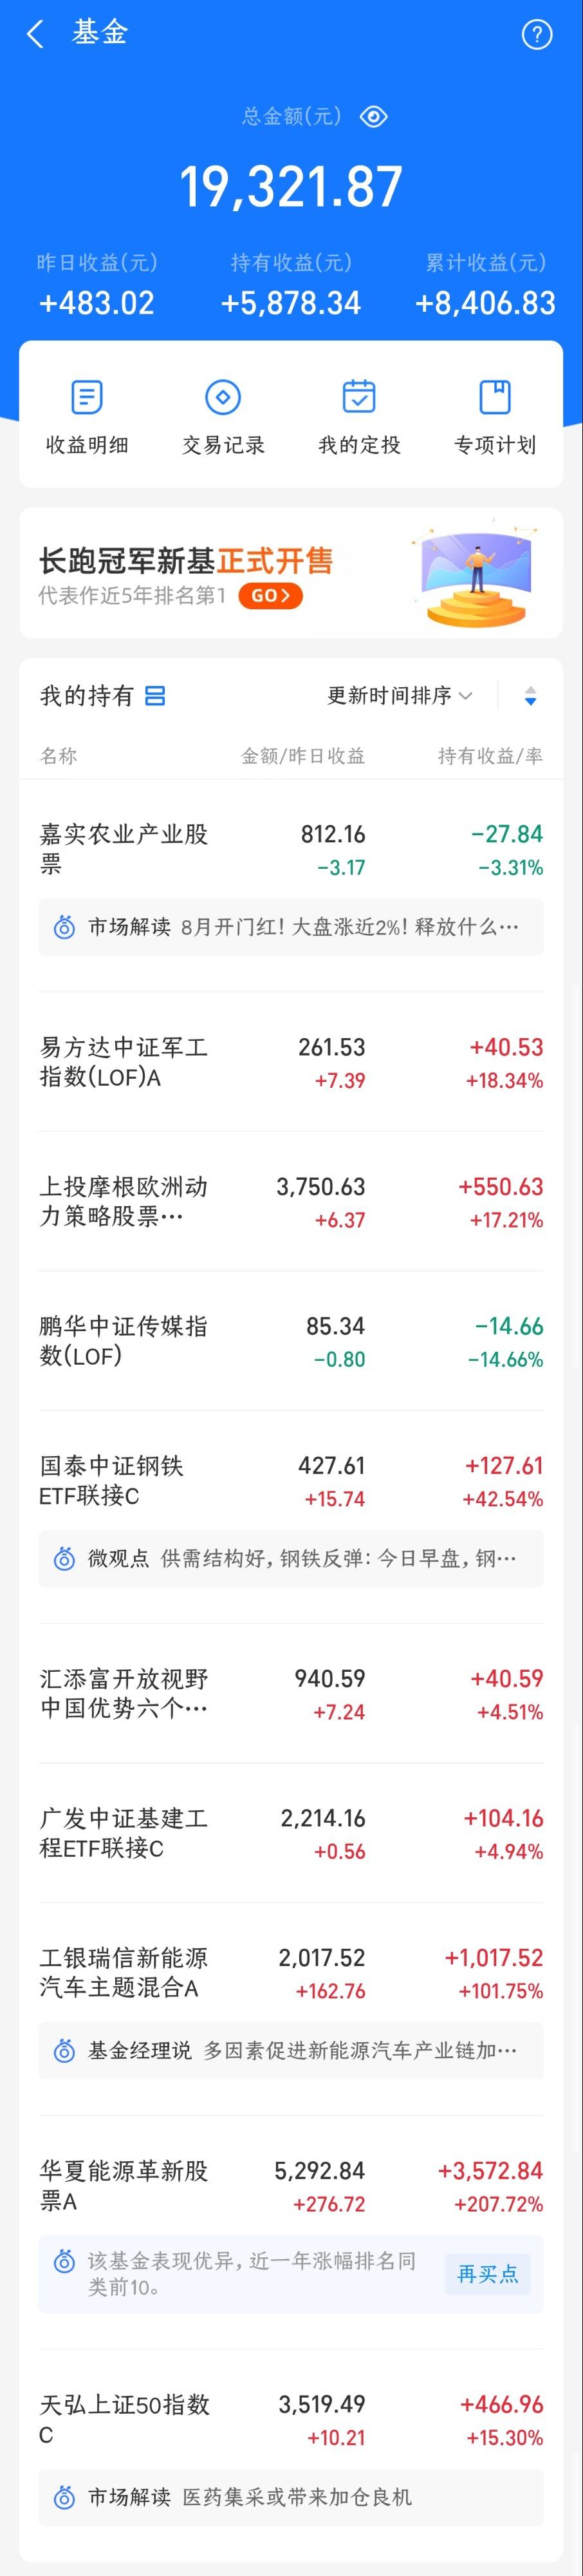 一个小散的基金日报 (万元小仓)2021-08-05